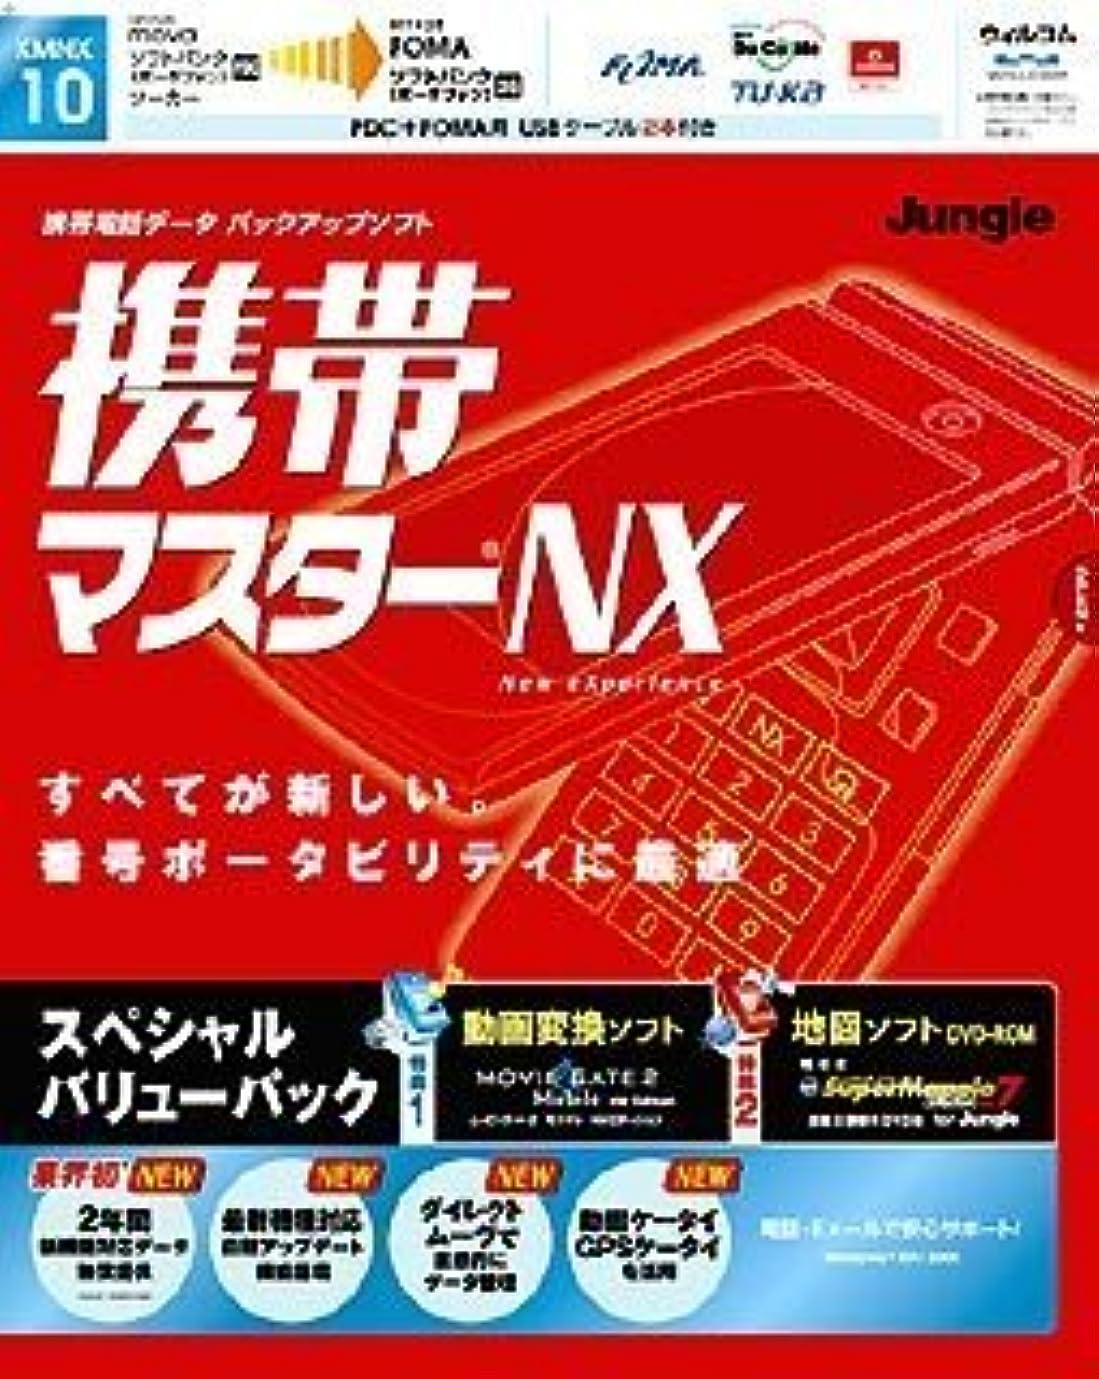 相談するシアーストレッチ携帯マスターNX スペシャルバリューパック PDC+FOMA用